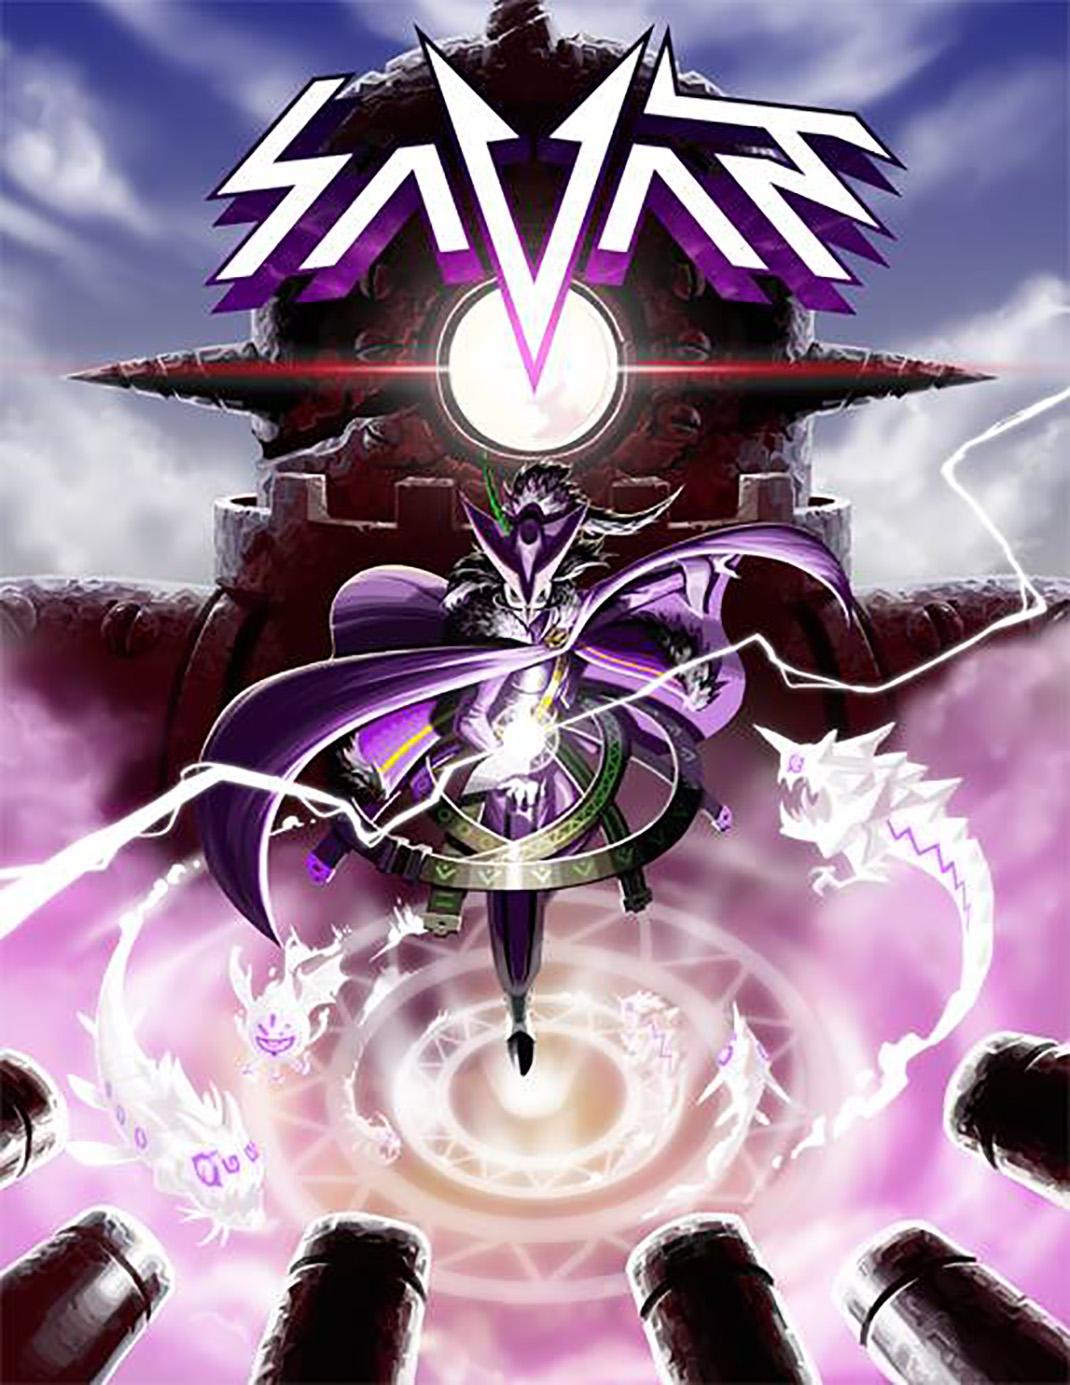 SavantAscent1